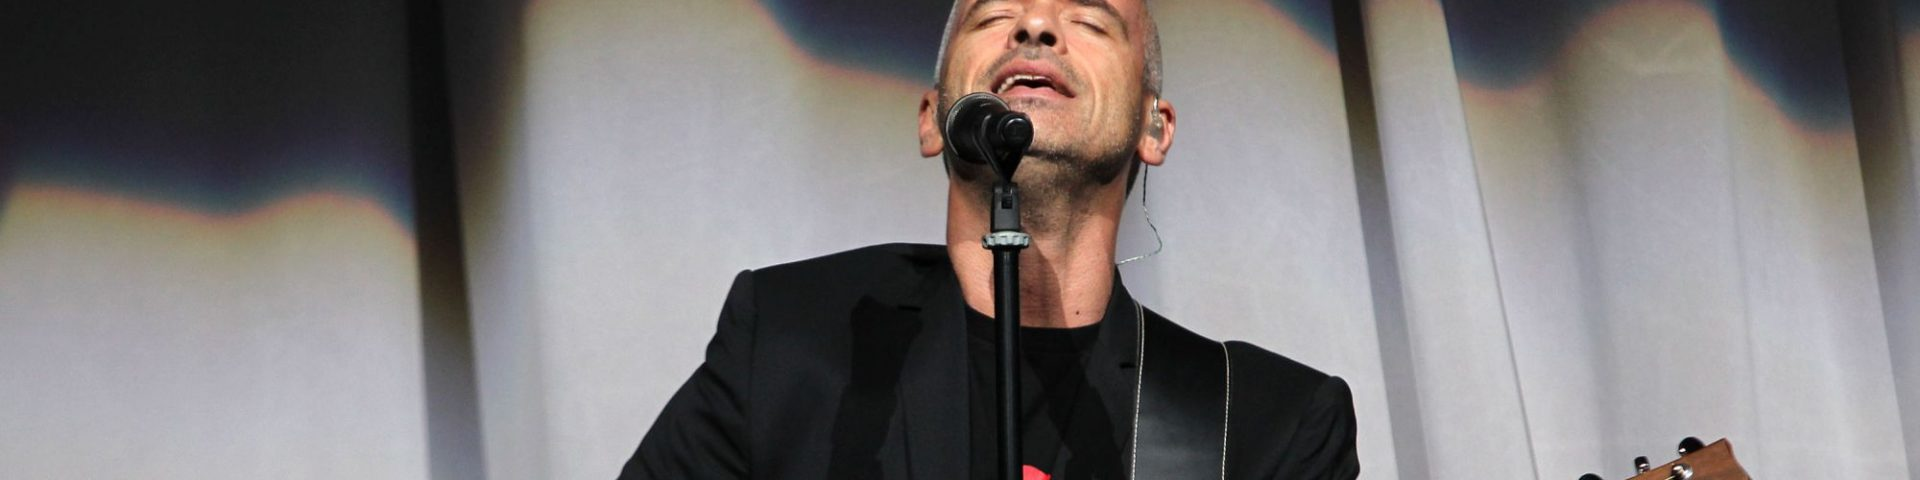 Eros Ramazzotti tour 2019 a Torino: date, biglietti e come arrivare